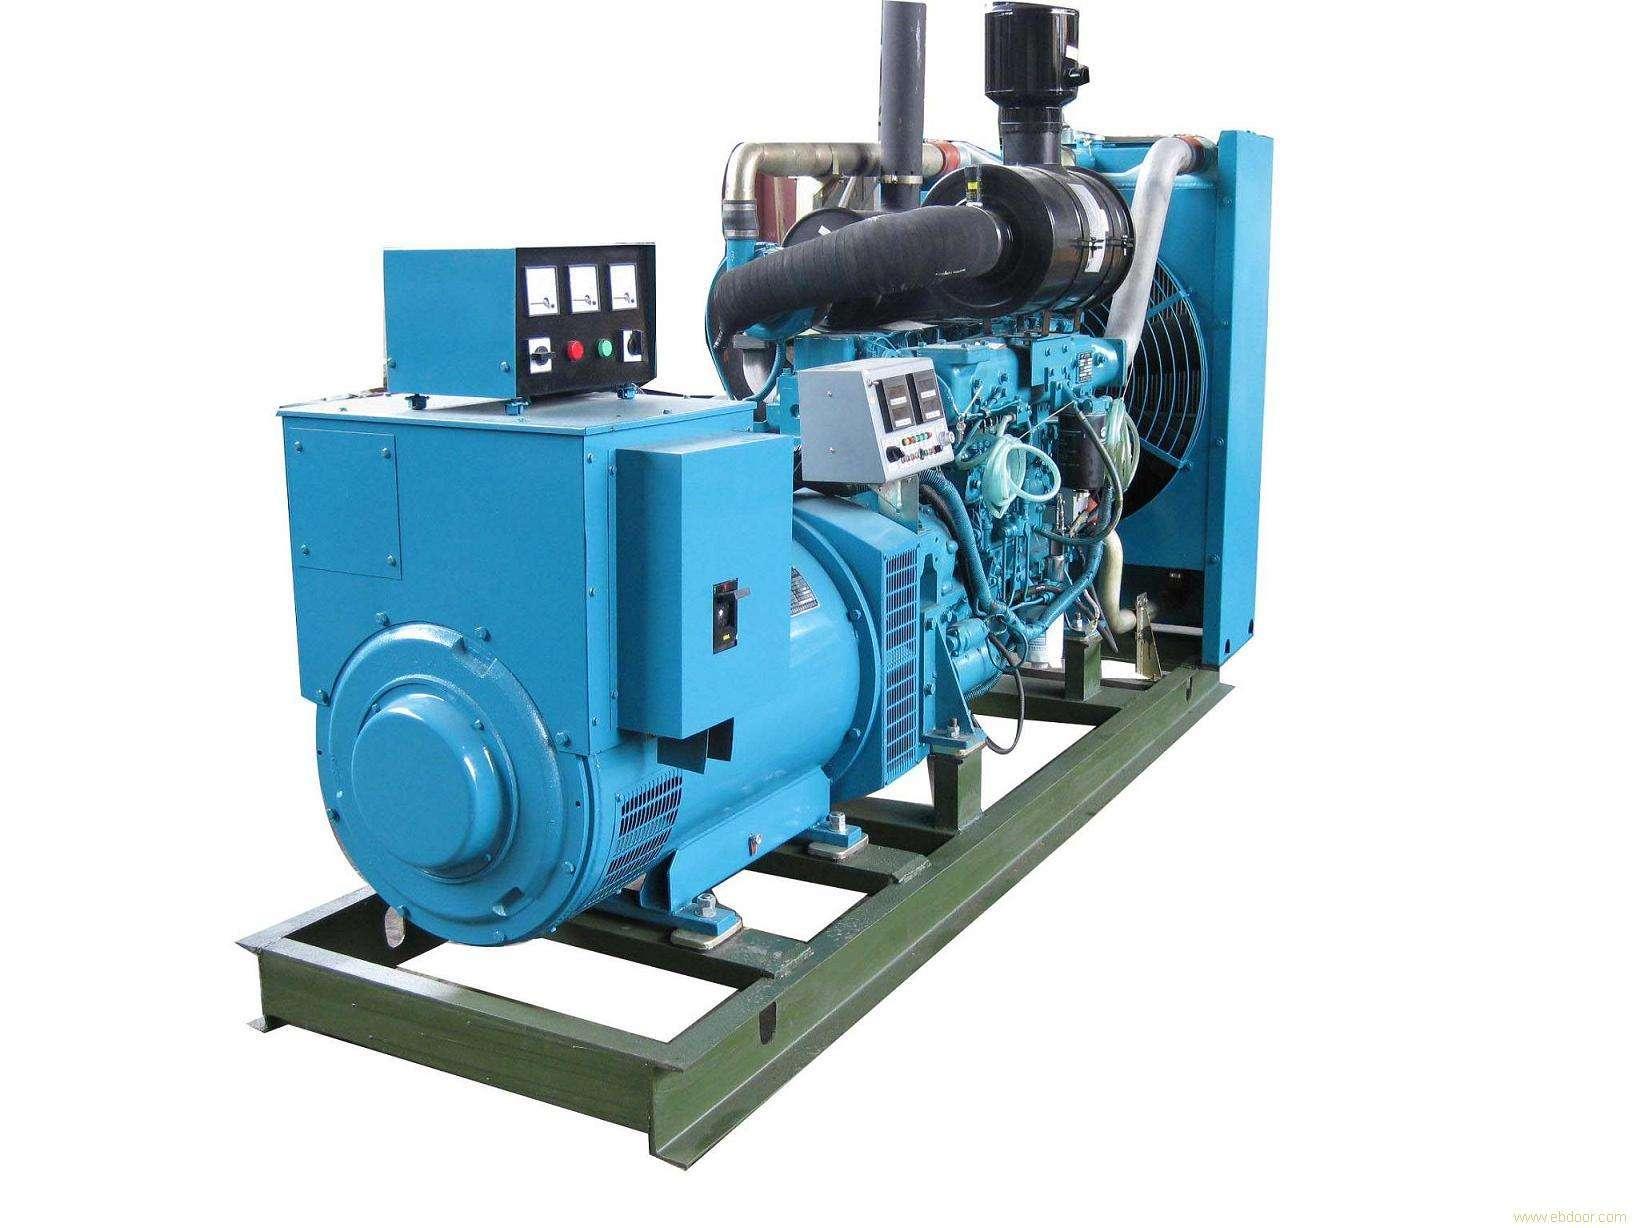 600kw玉柴发电机组集电环在保养中应该注意什么呢